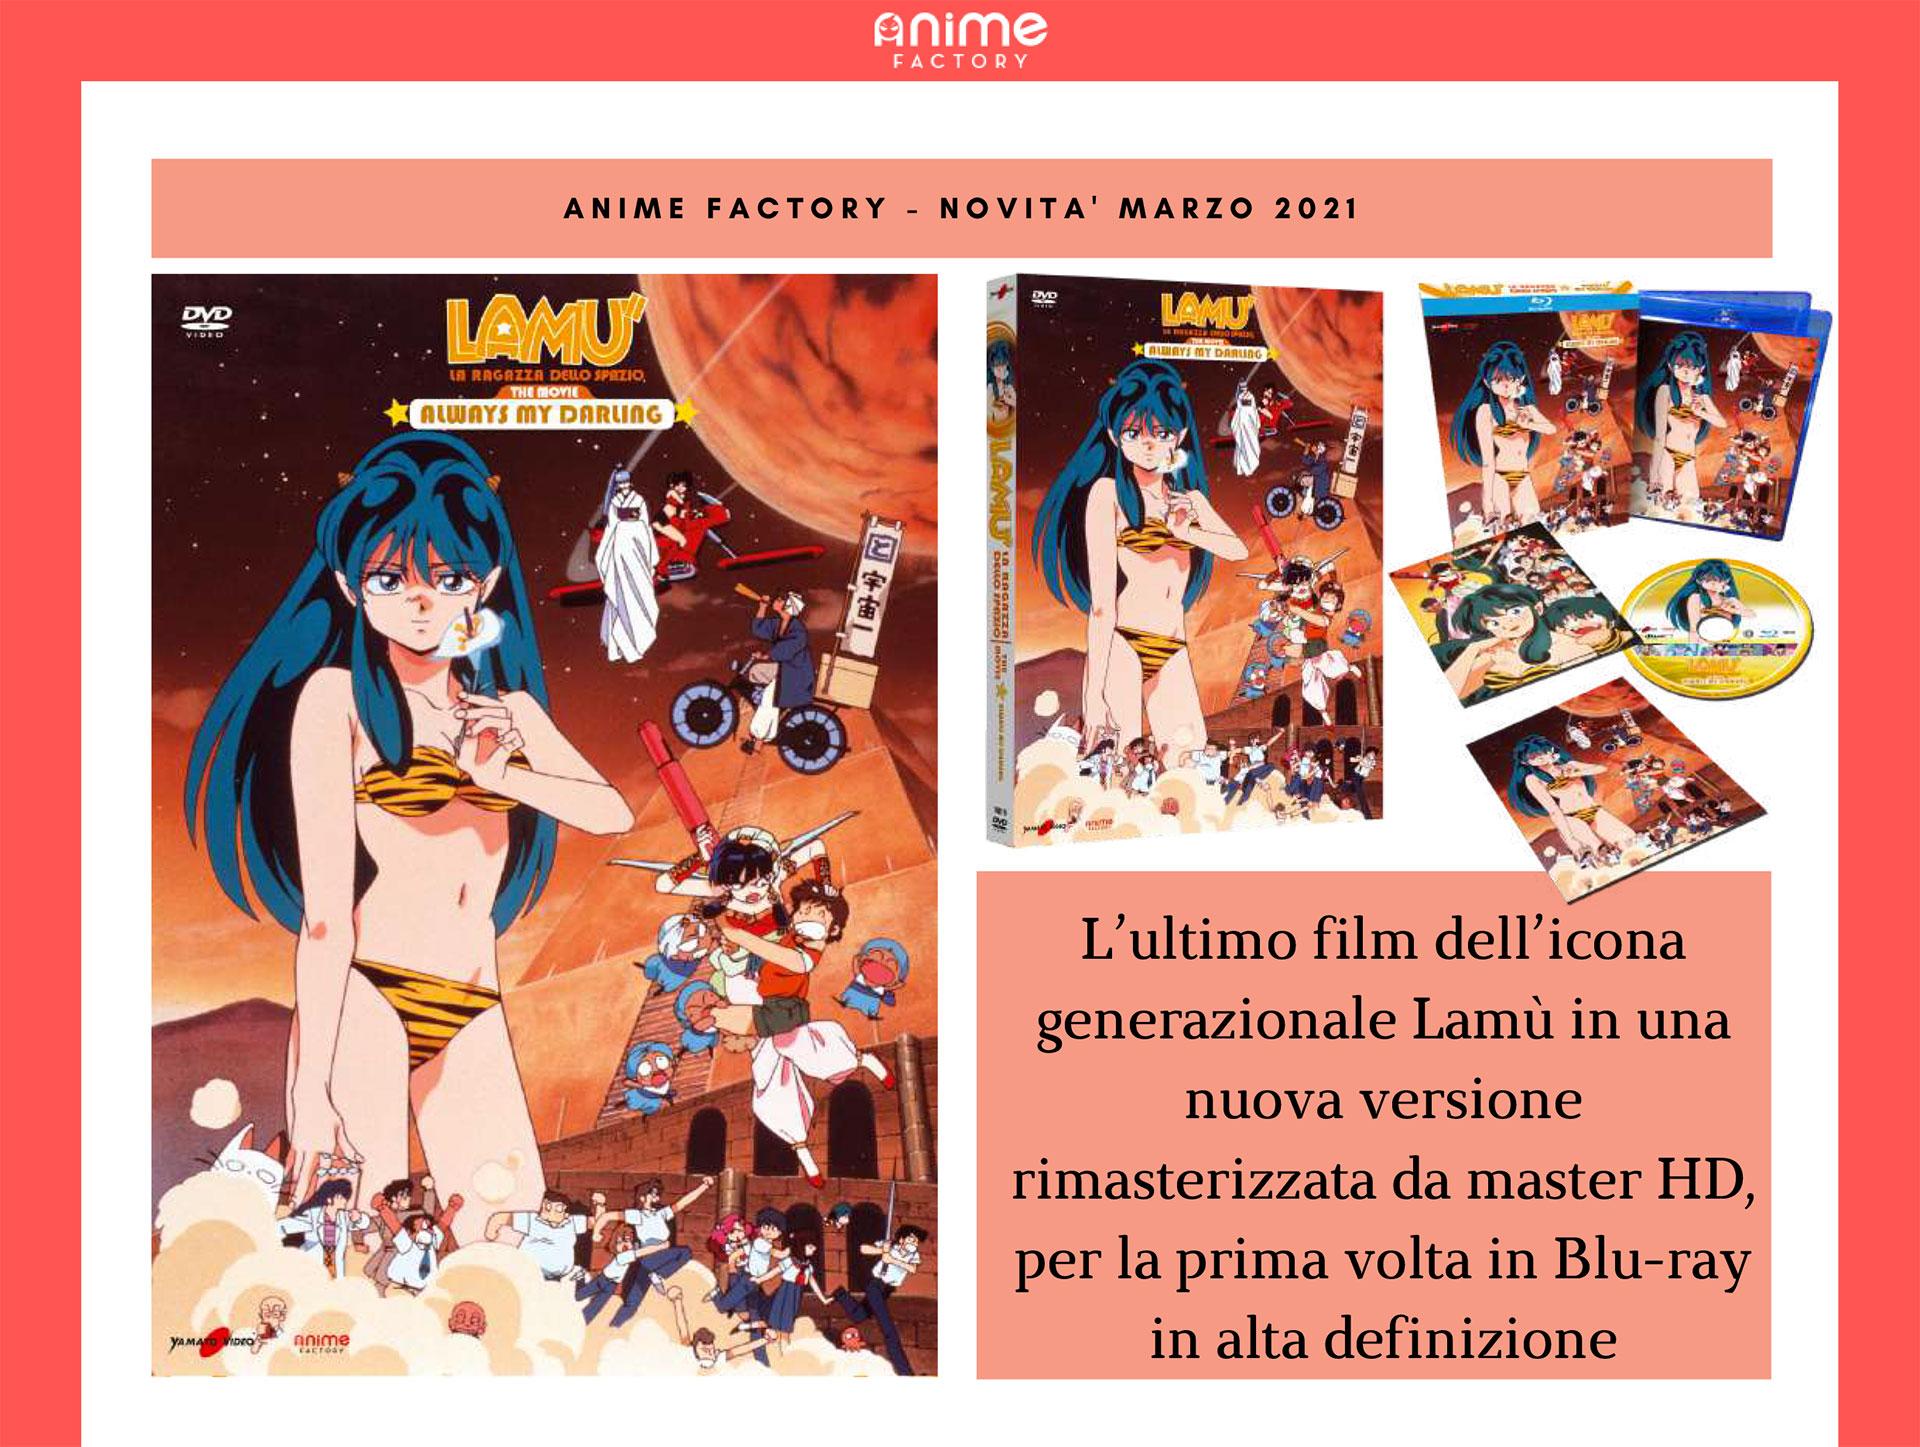 Lamù – La Ragazza Dello Spazio – Always My Darling